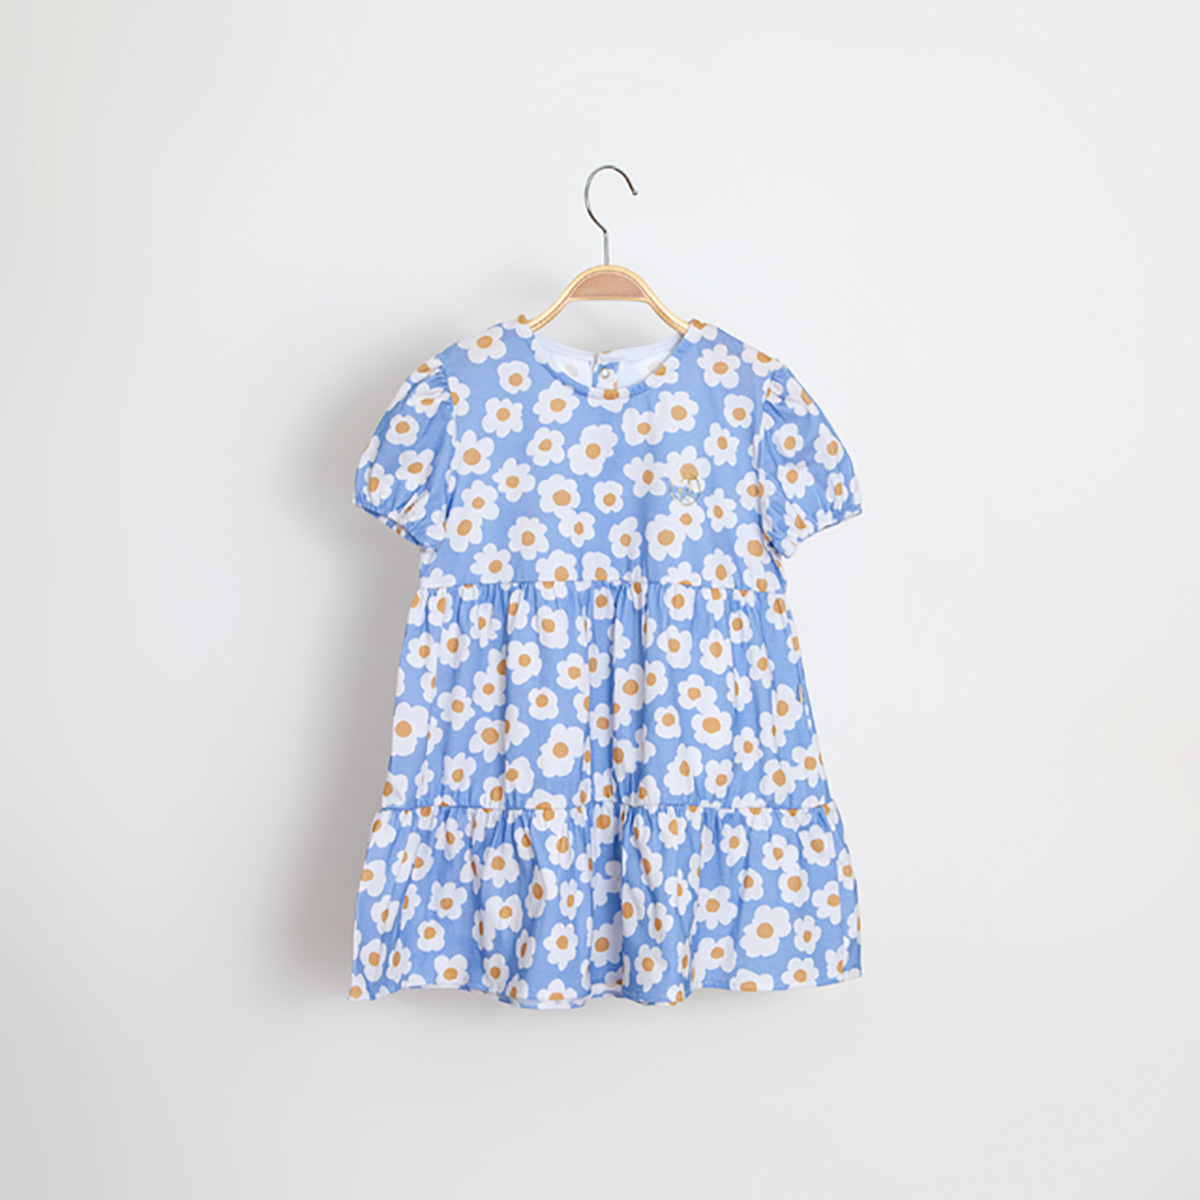 Vestido Kiko Baby Feminino Camadas Maxi Daisy Kids